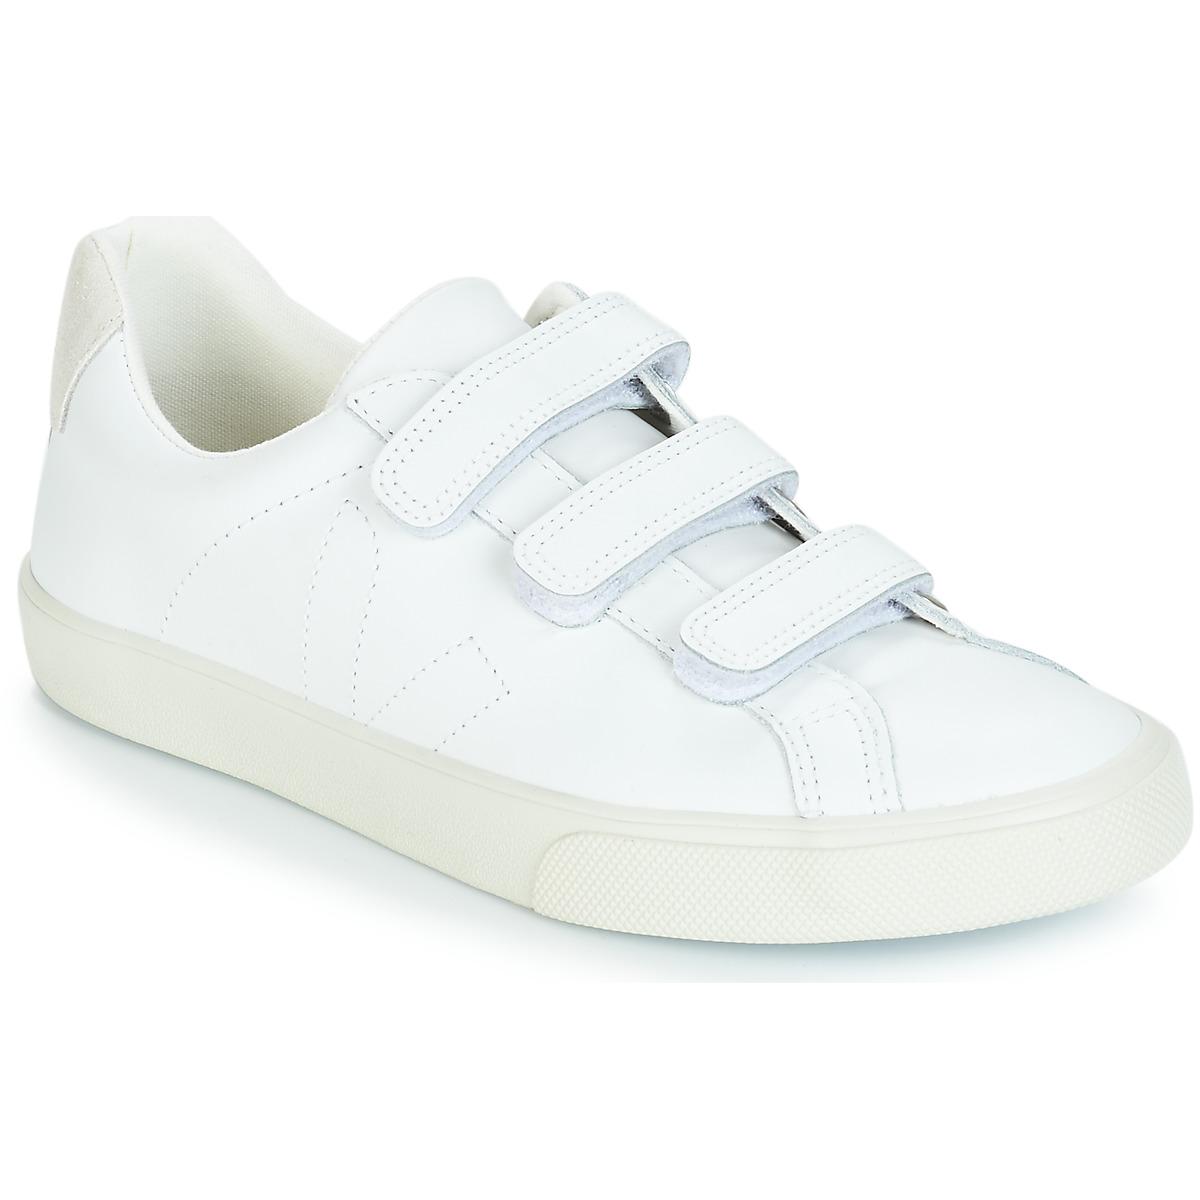 Sneakers Veja  3 - LOCK